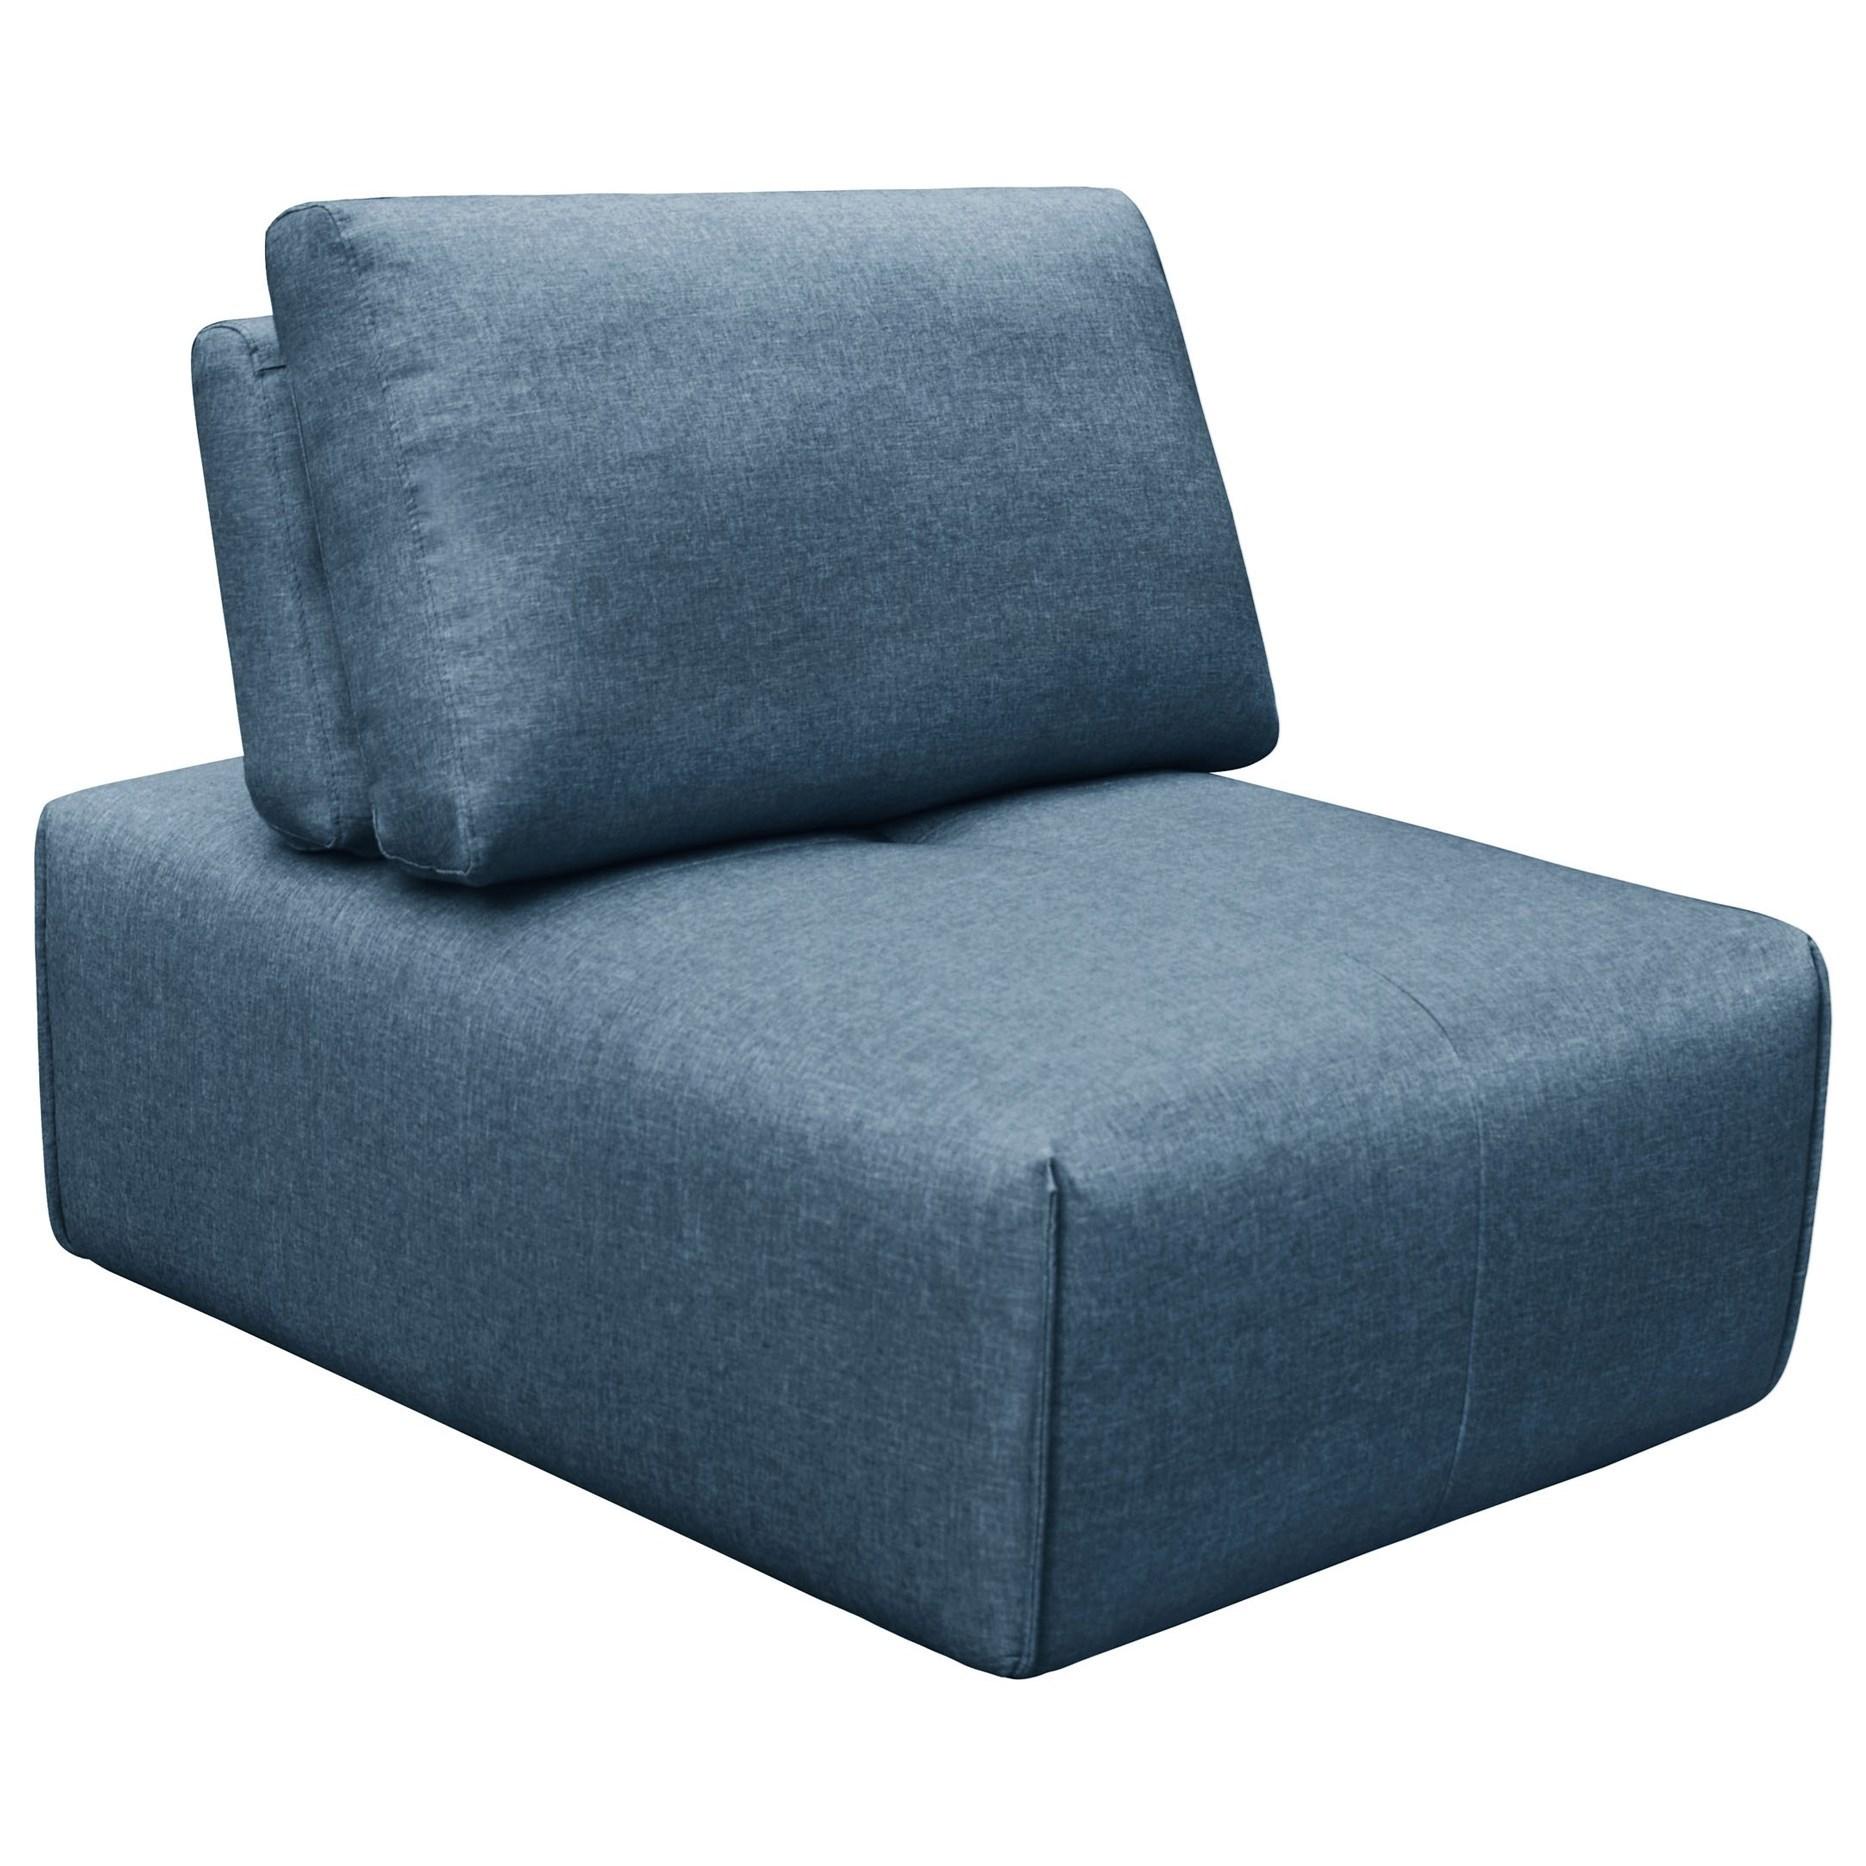 Slipper Chair